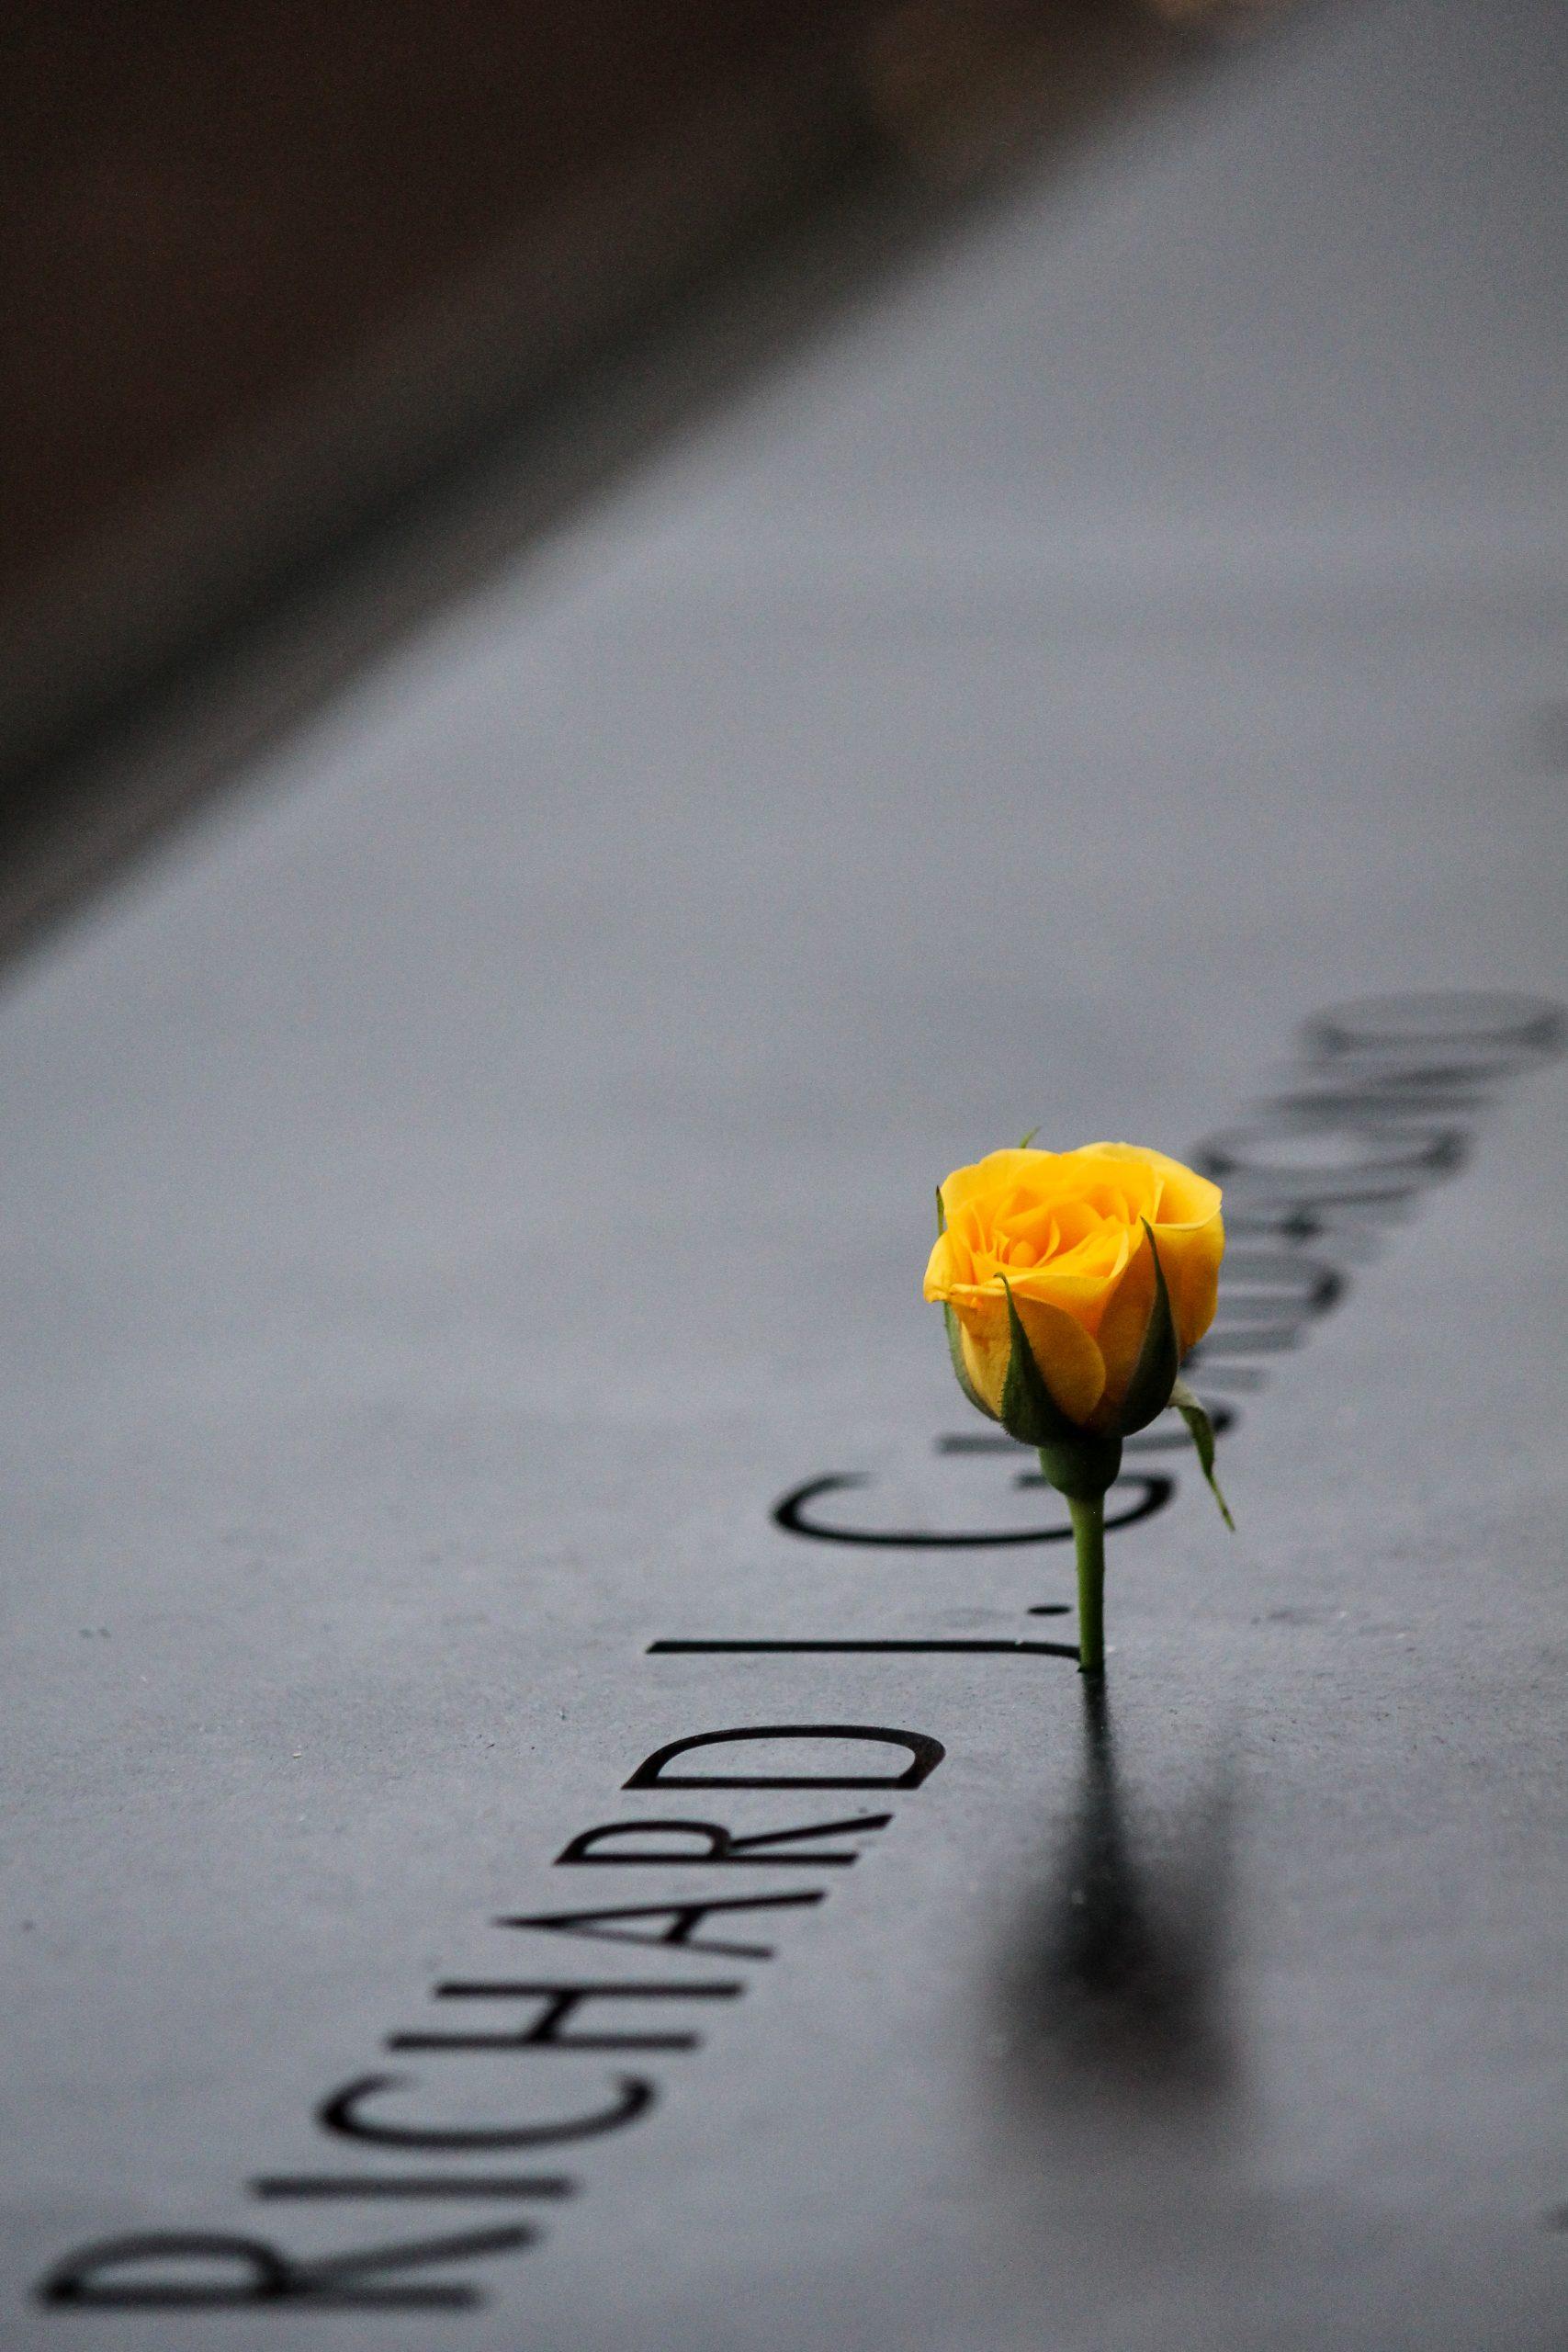 9/11 Memorial Site, New York, USA